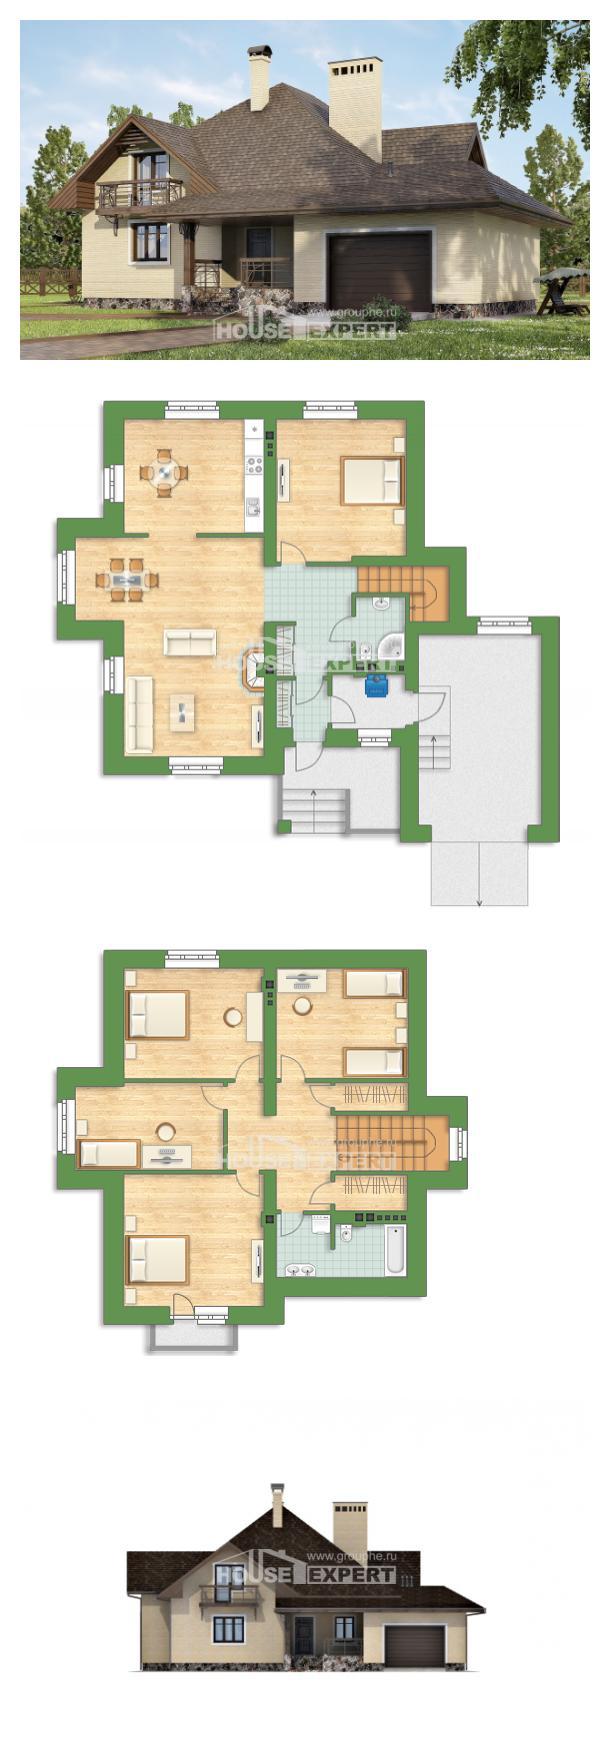 Plan 275-003-R | House Expert